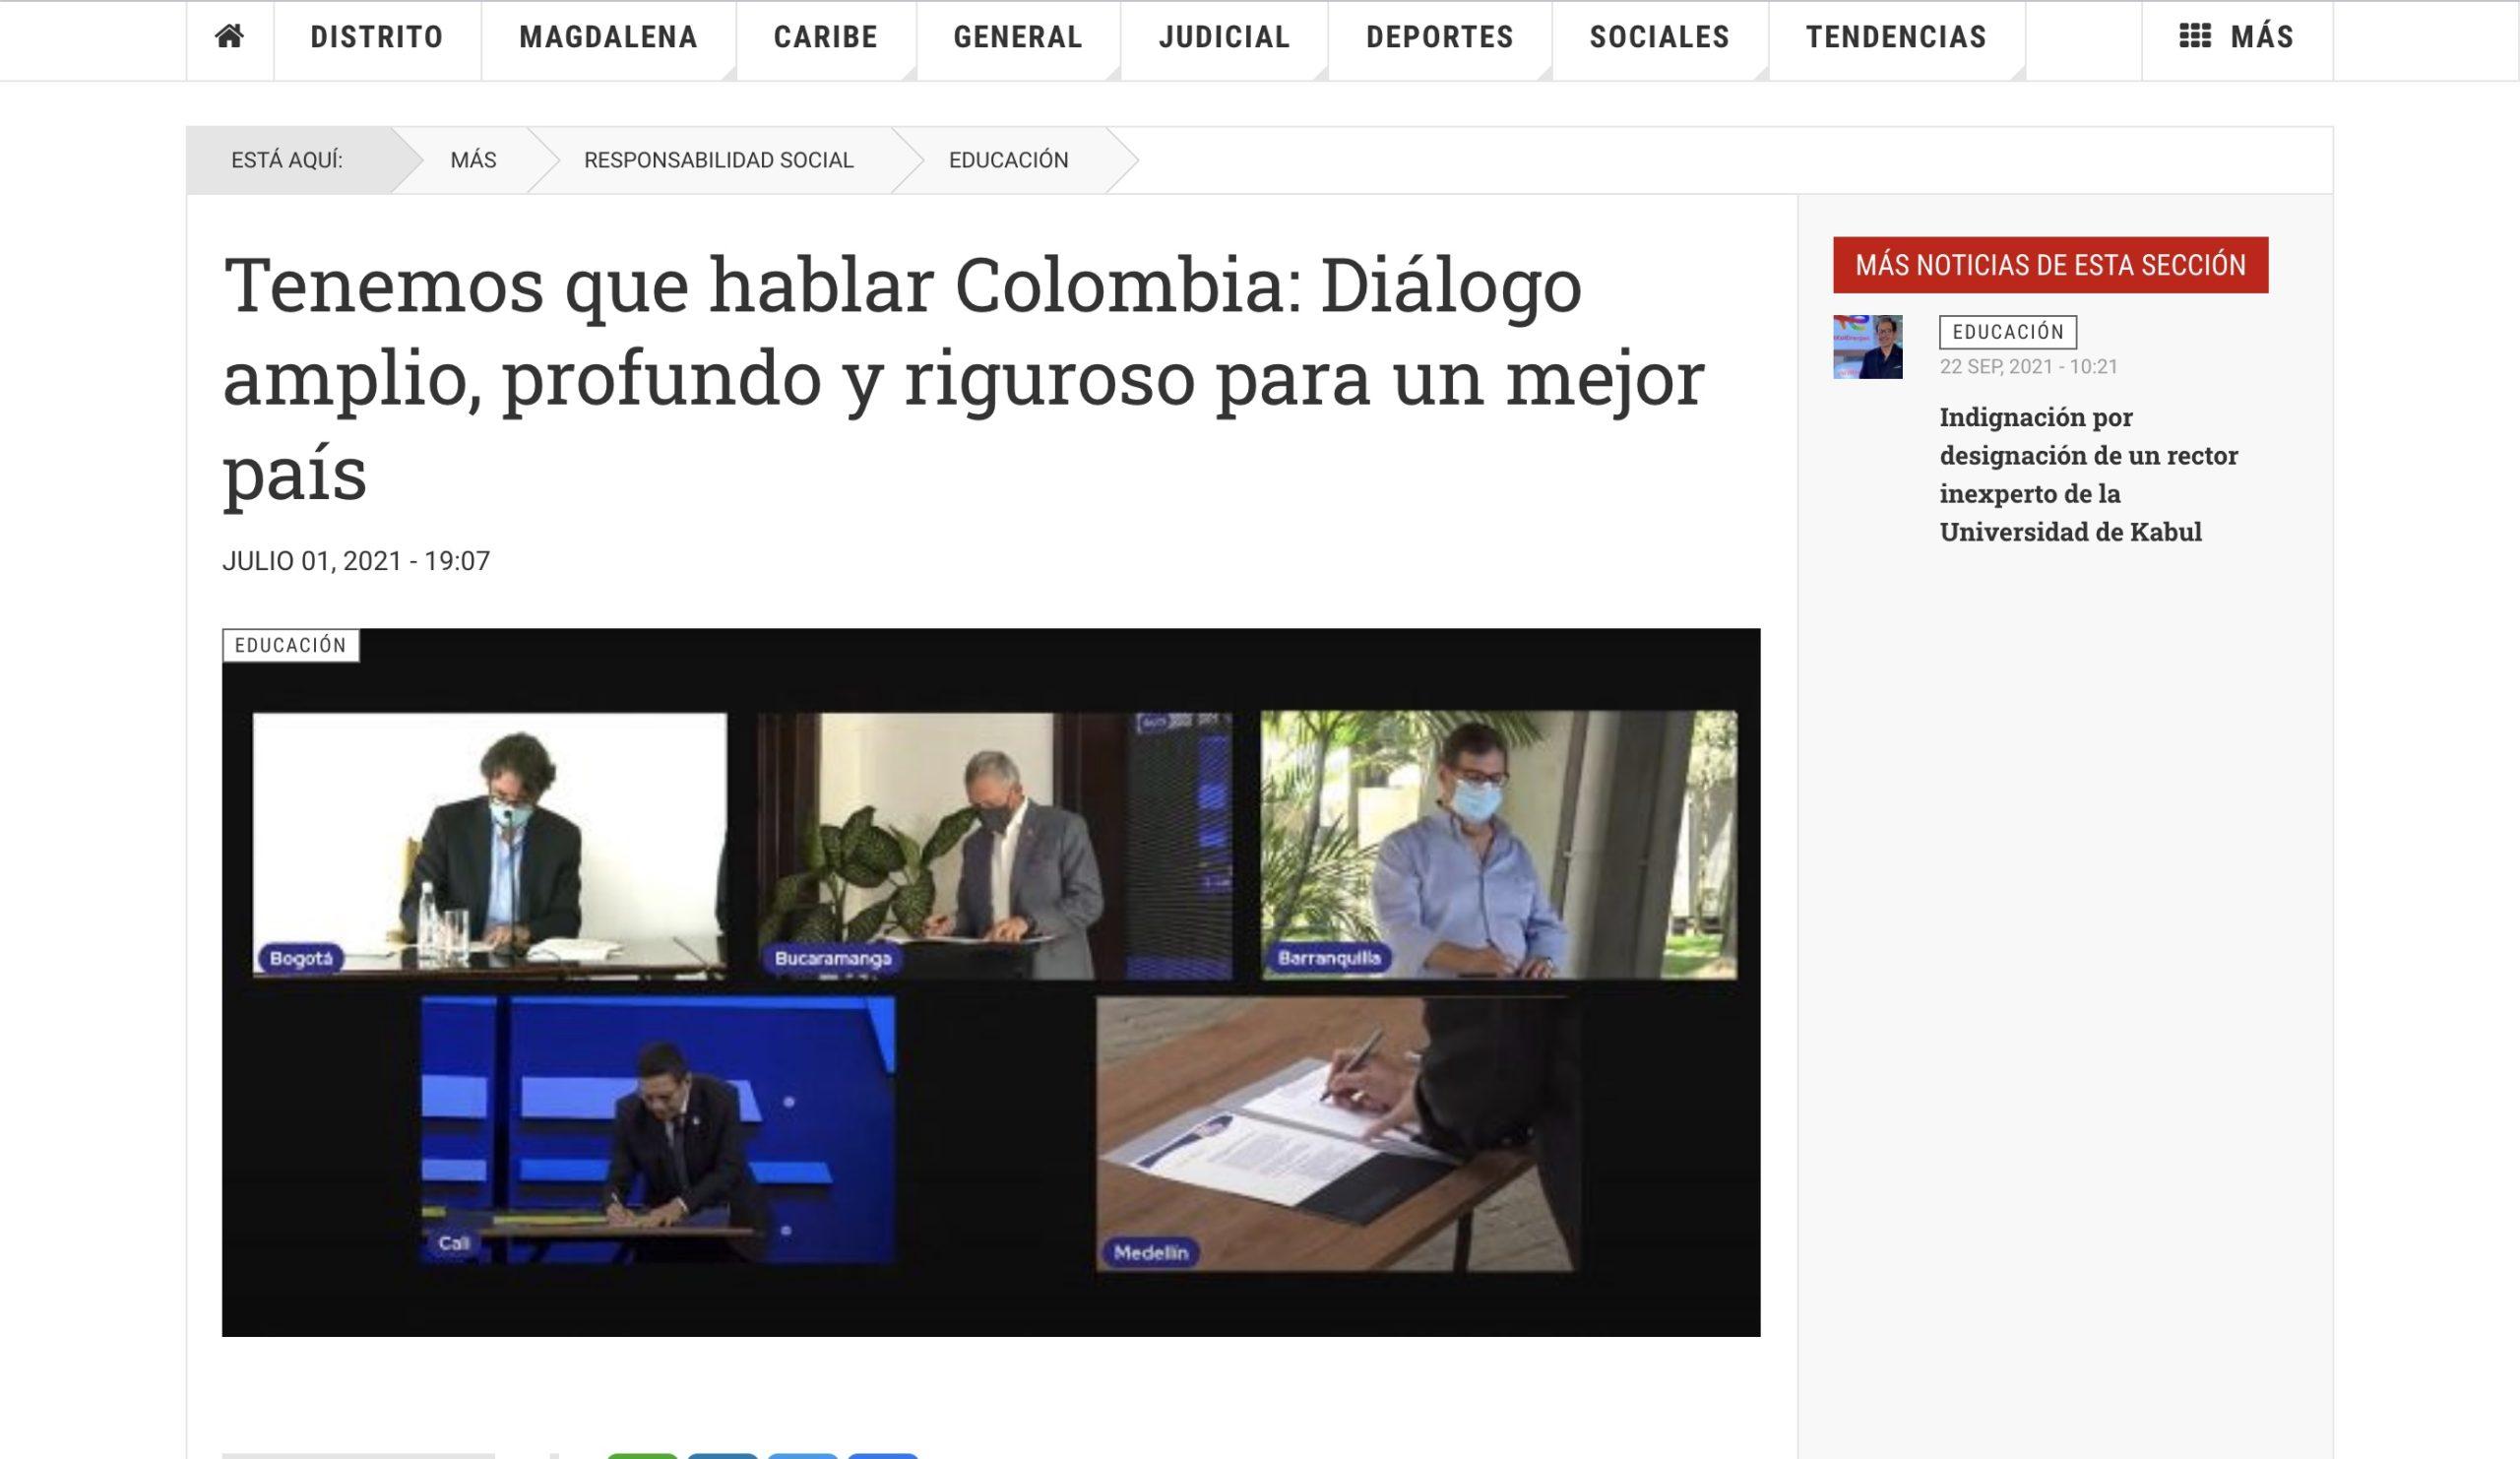 Tenemos que hablar Colombia: Diálogo amplio, profundo y riguroso para un mejor país